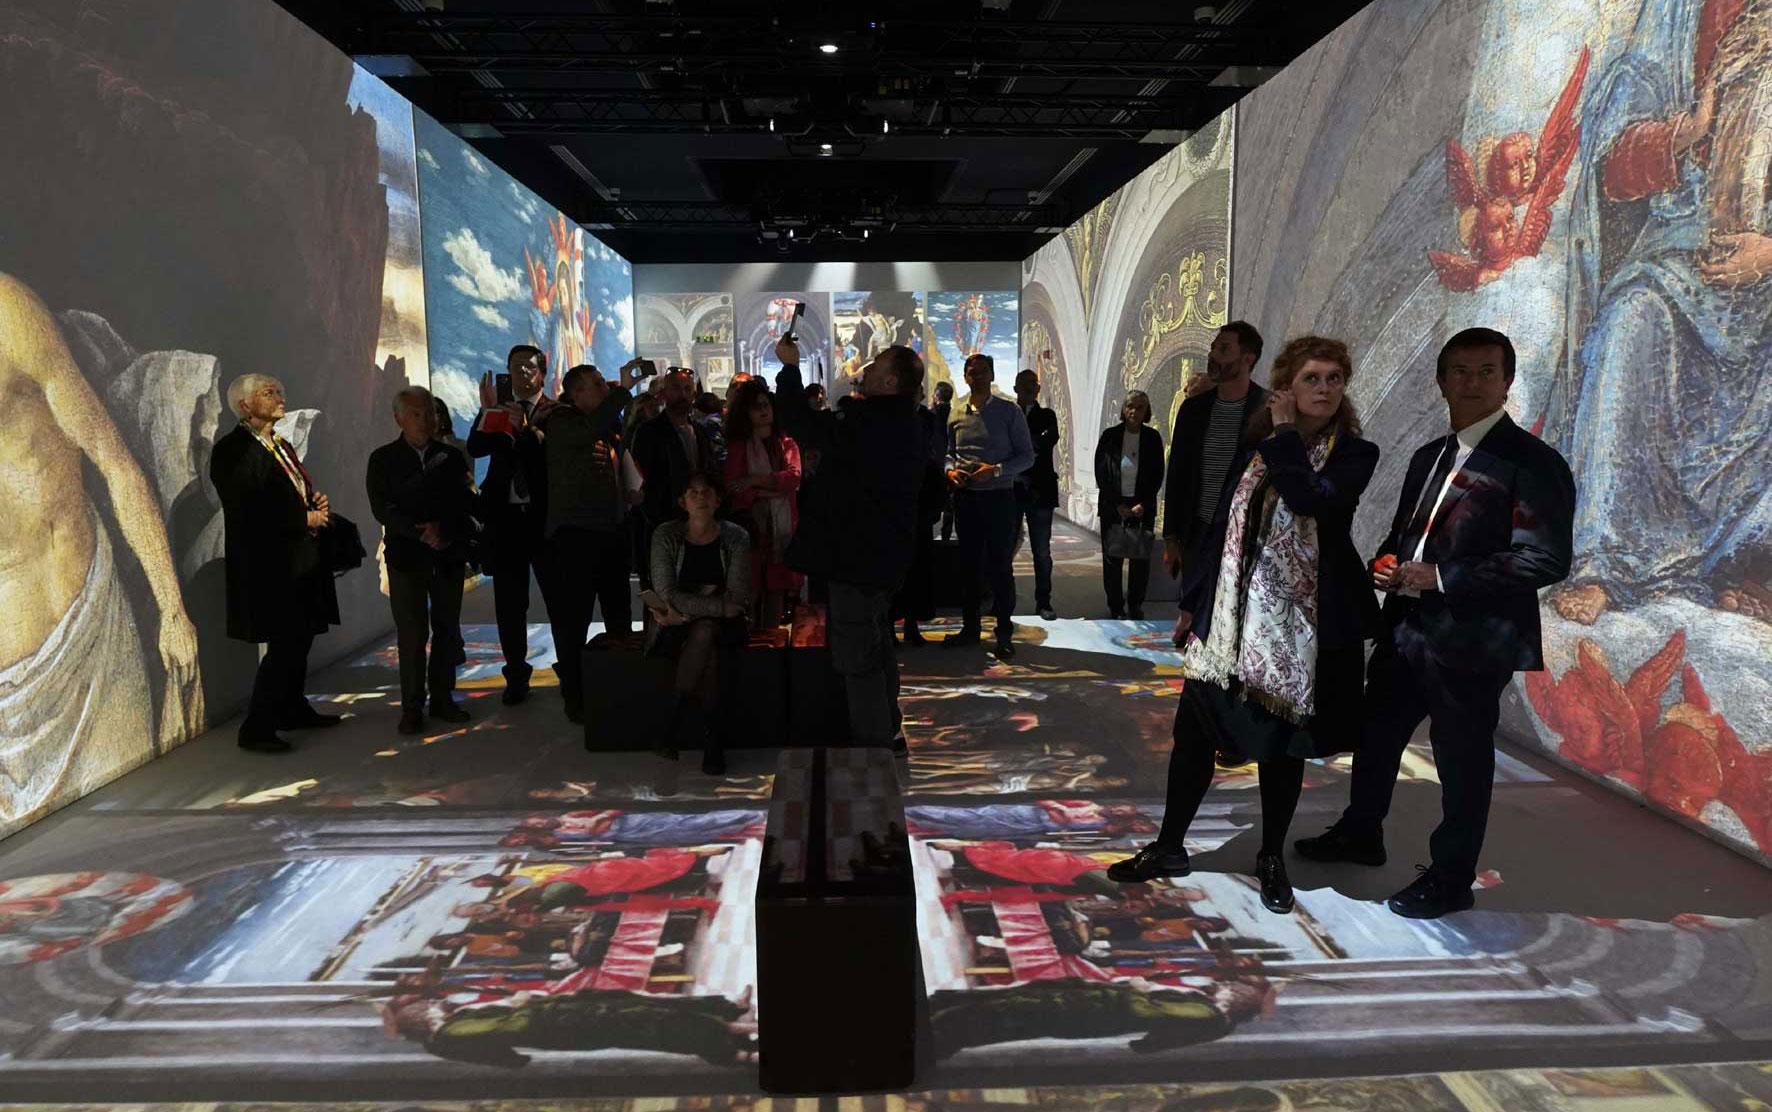 """L'esperienza immersiva """"Mantegna Experience"""" allestita con dodici video-proiettori Epson avvolge i visitatori con 300 m2 di immagini del Mantegna - ph Gianfranco Rota"""